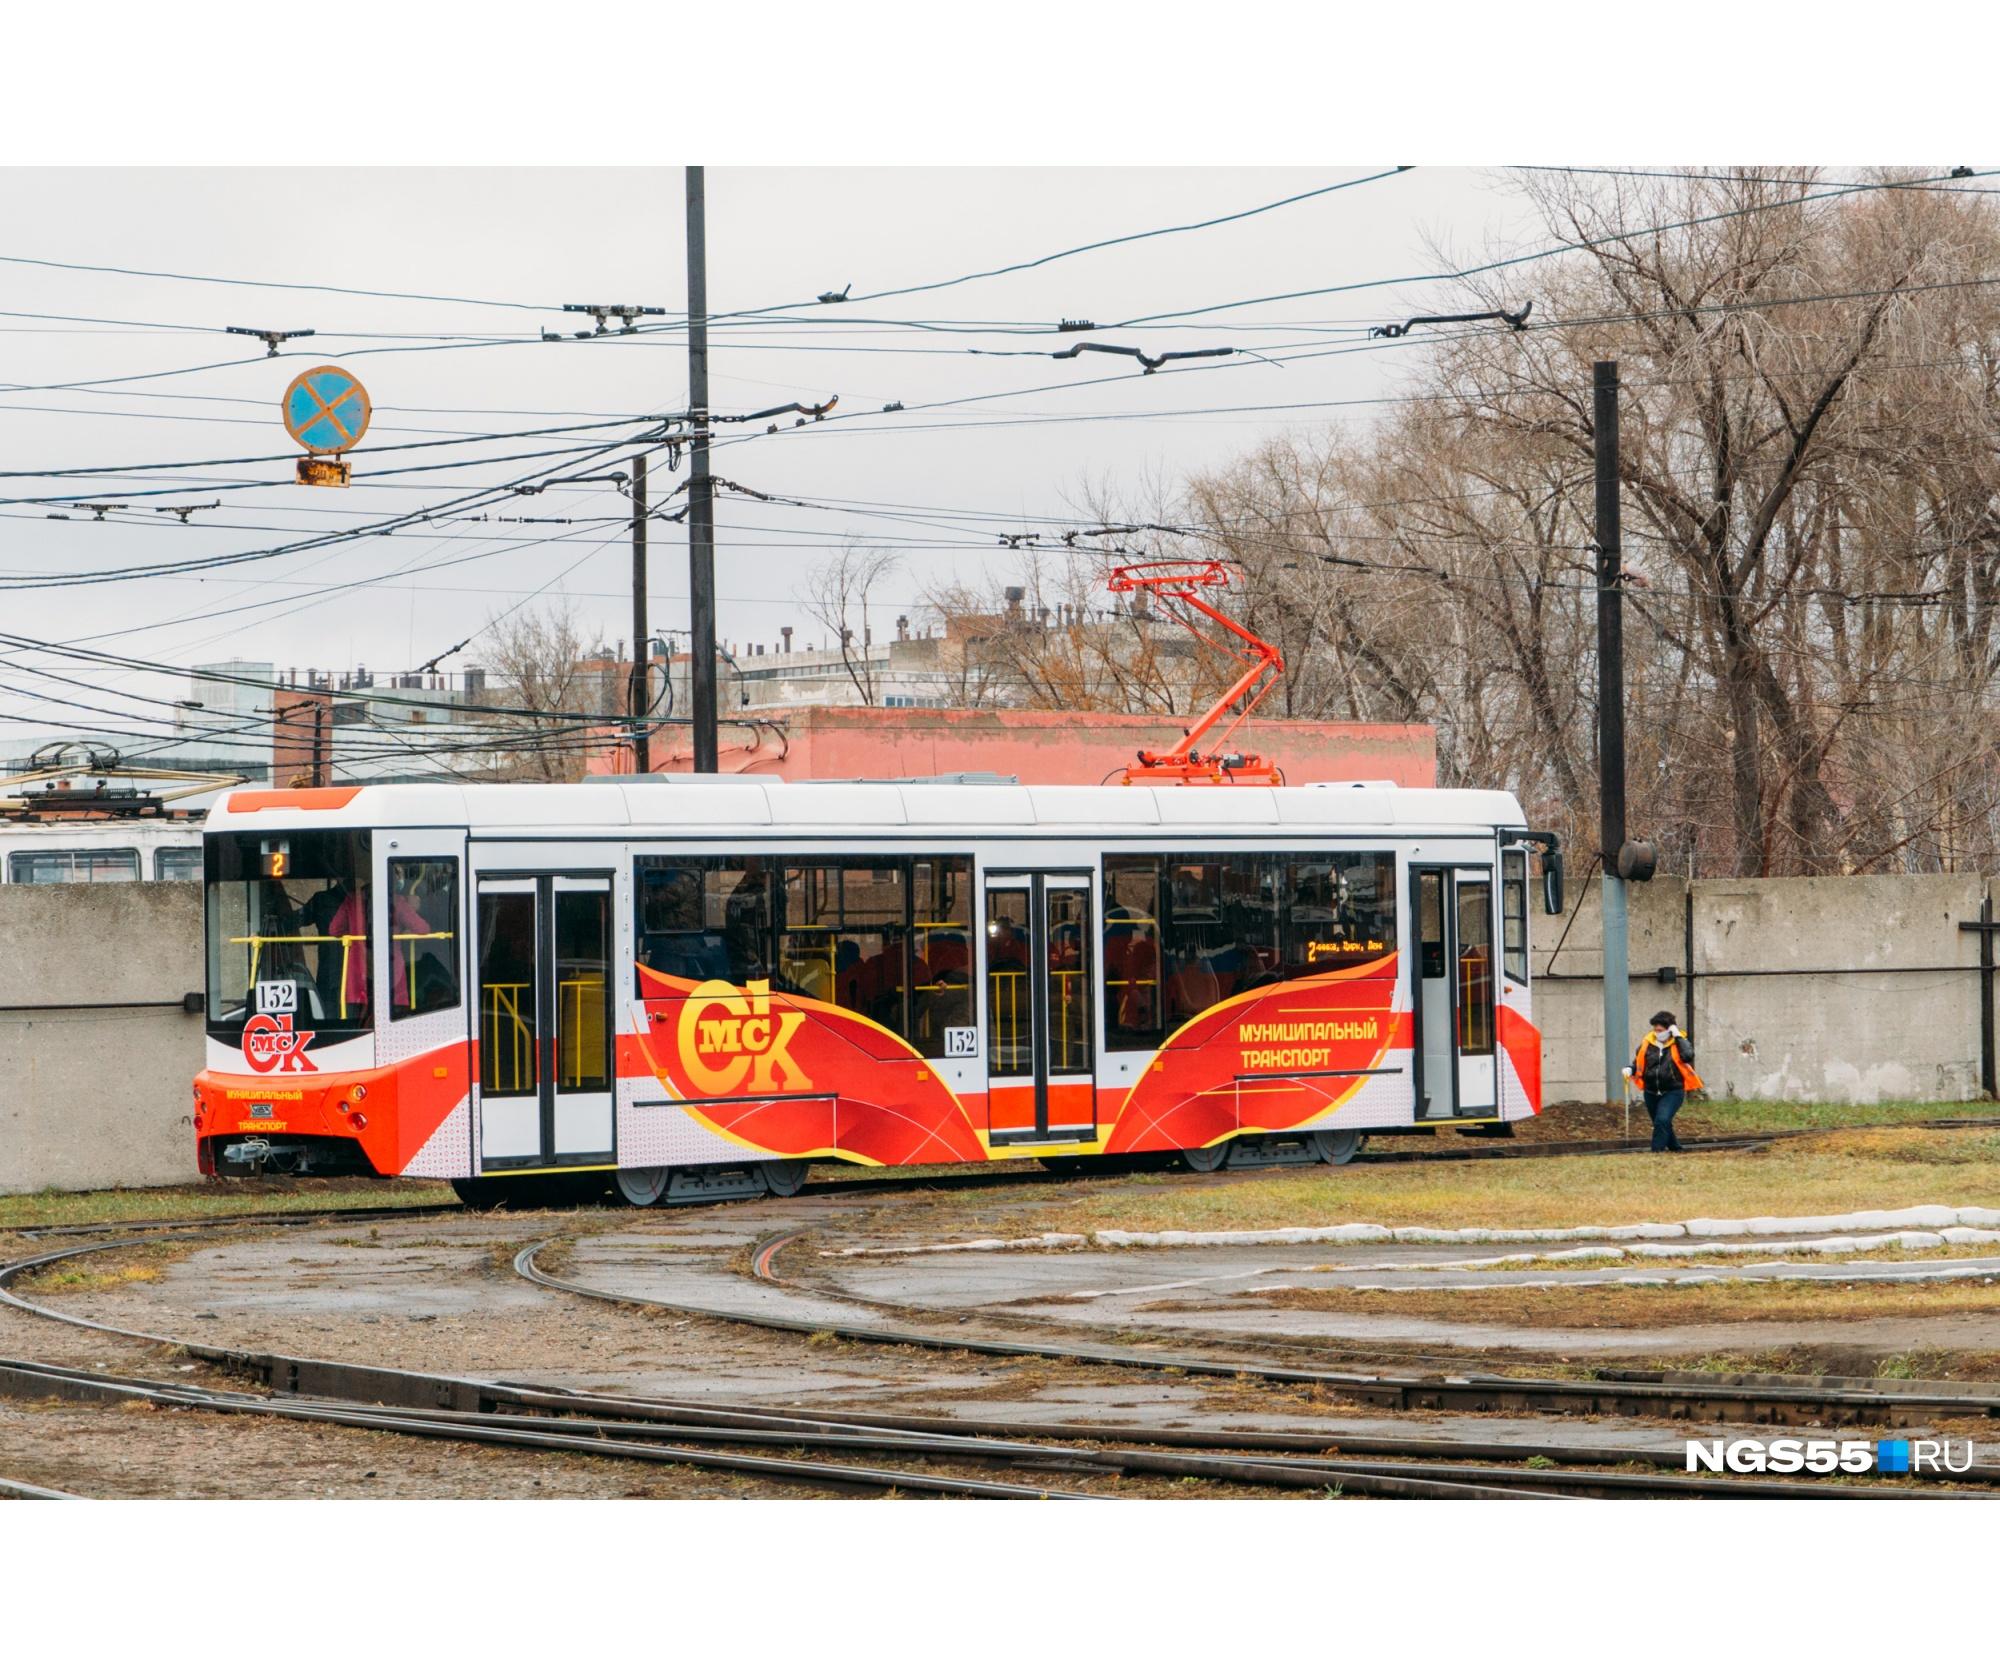 Сергей Ткалун считает трамвай перспективным транспортом. В прошлом году город закупил 24 новеньких вагона